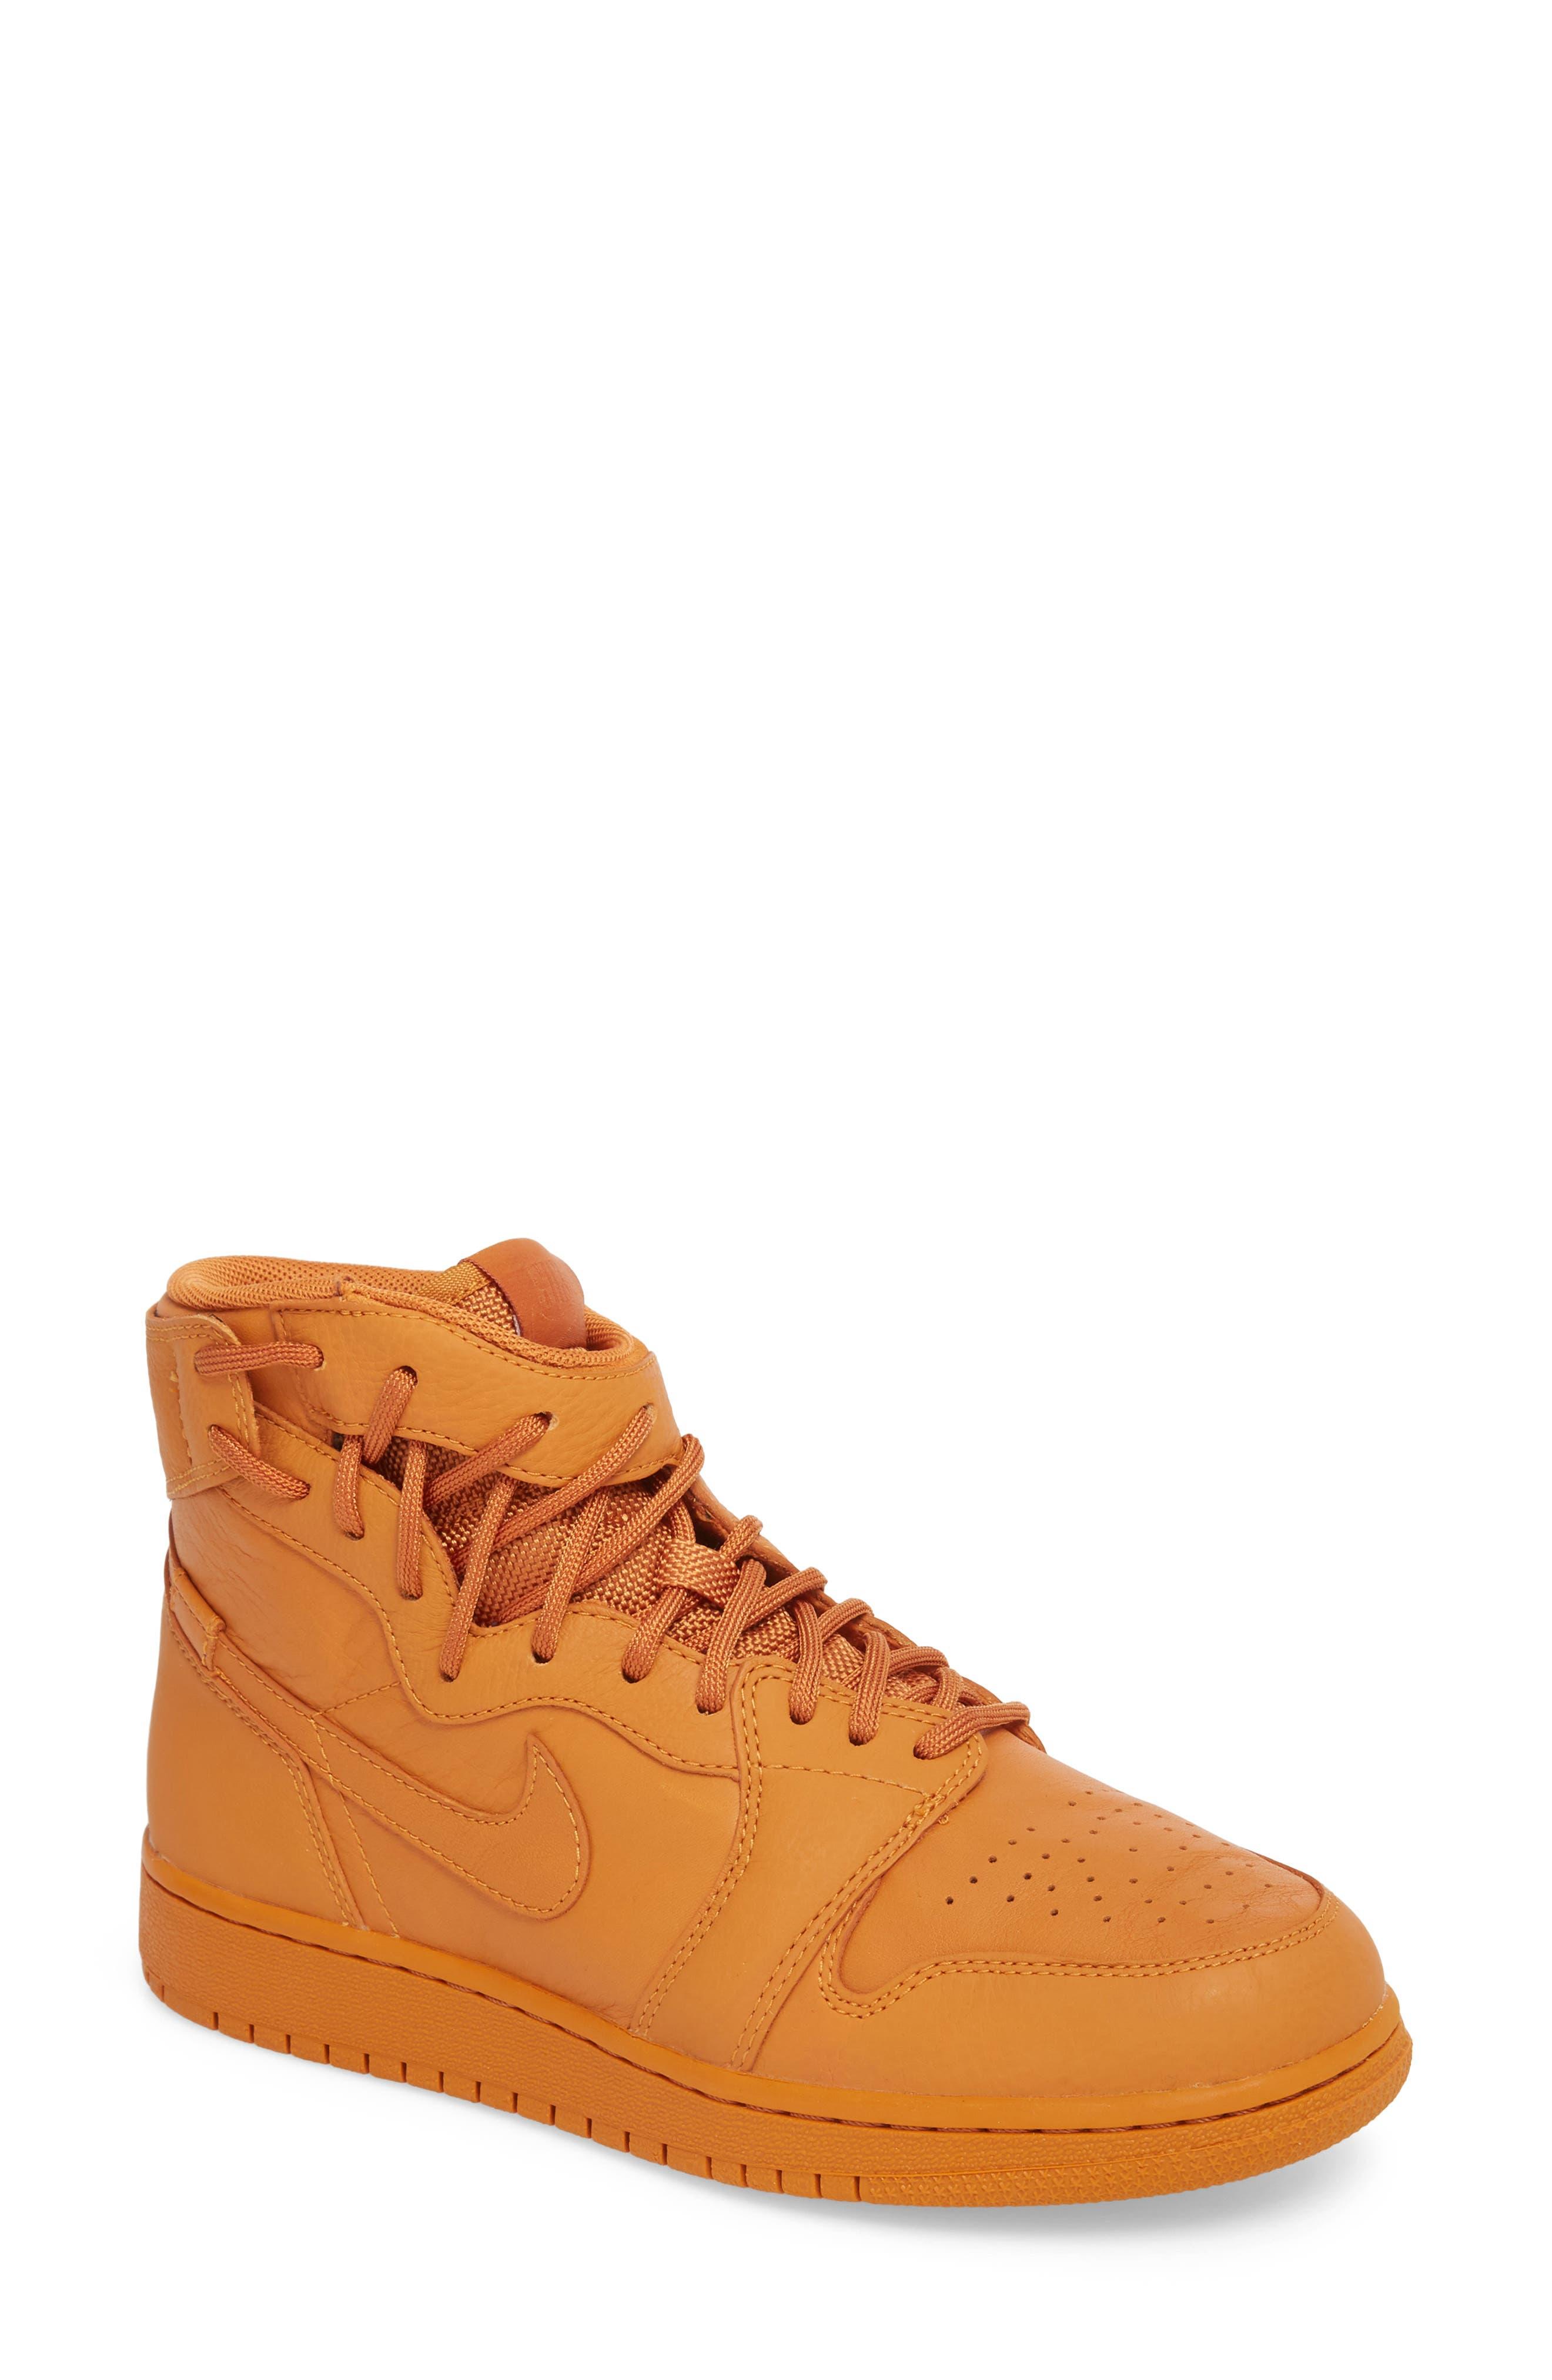 Air Jordan 1 Rebel XX High Top Sneaker,                             Main thumbnail 1, color,                             Cinder Orange